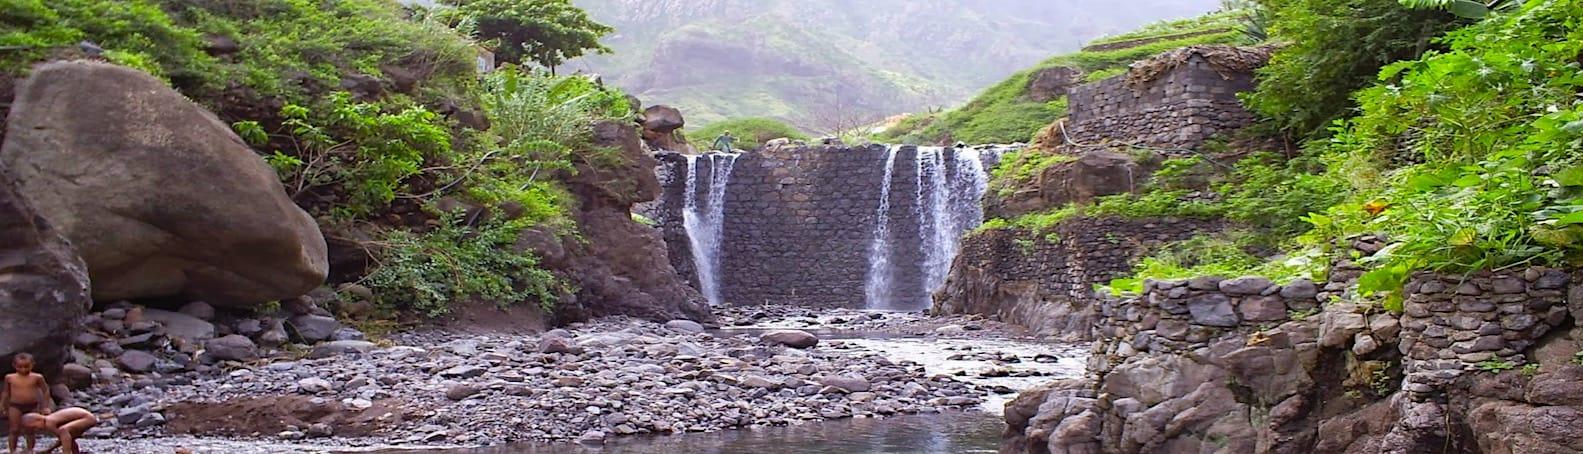 Sao Nicolau Cape Verde